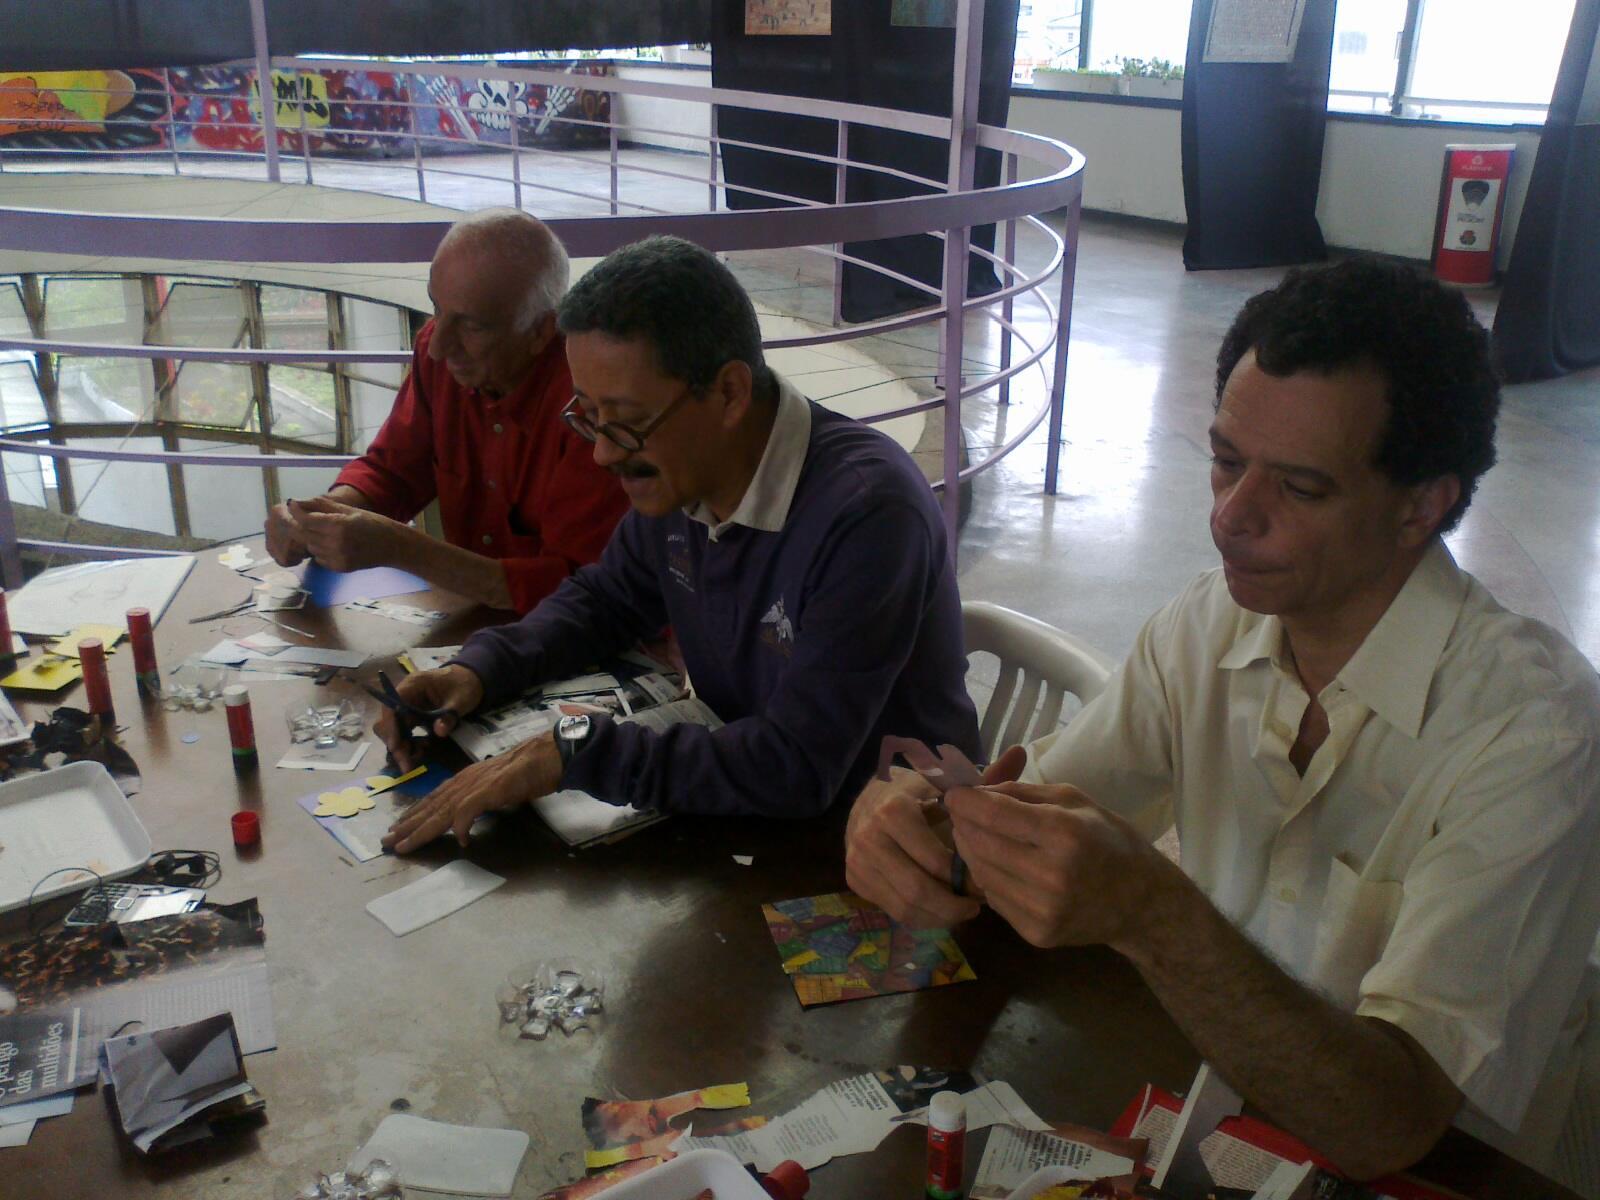 @artenomovimento Que legal! Rico Mader visitou a exposição na galeria e participou da oficina da parte da manhã http://t.co/VuhFQu1Hz5